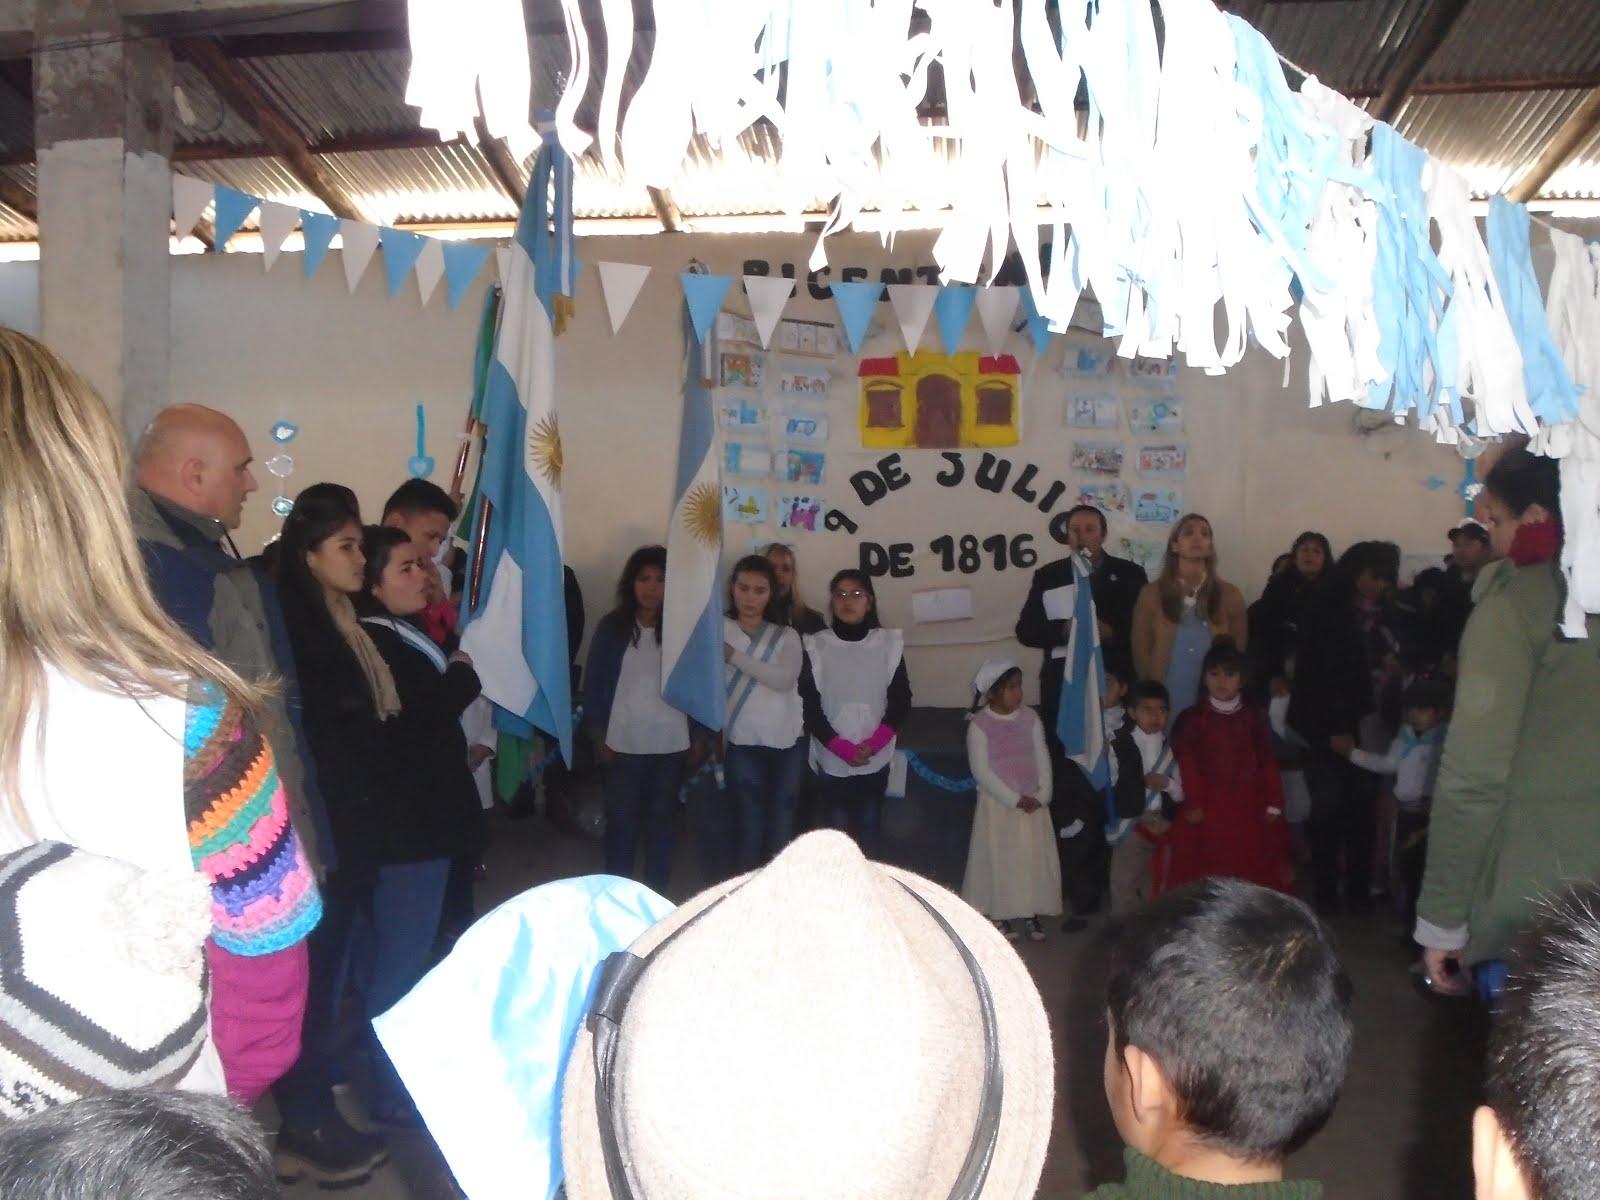 El bicentenario del 9 de julio en el club solidario